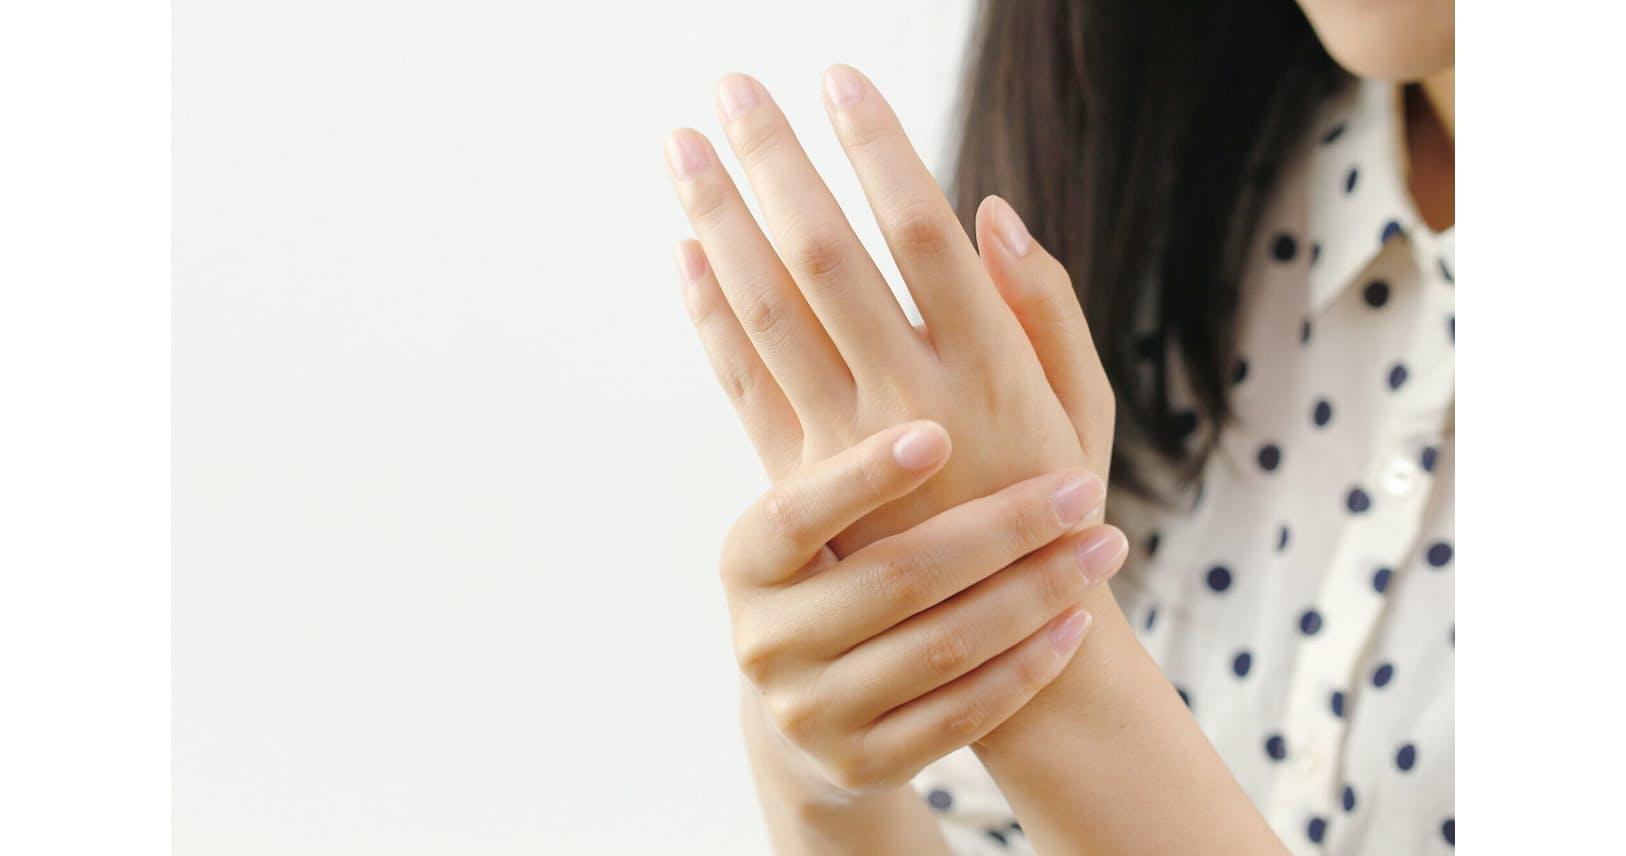 する こうして 手 腕 浮き出る 血管 に は 改善